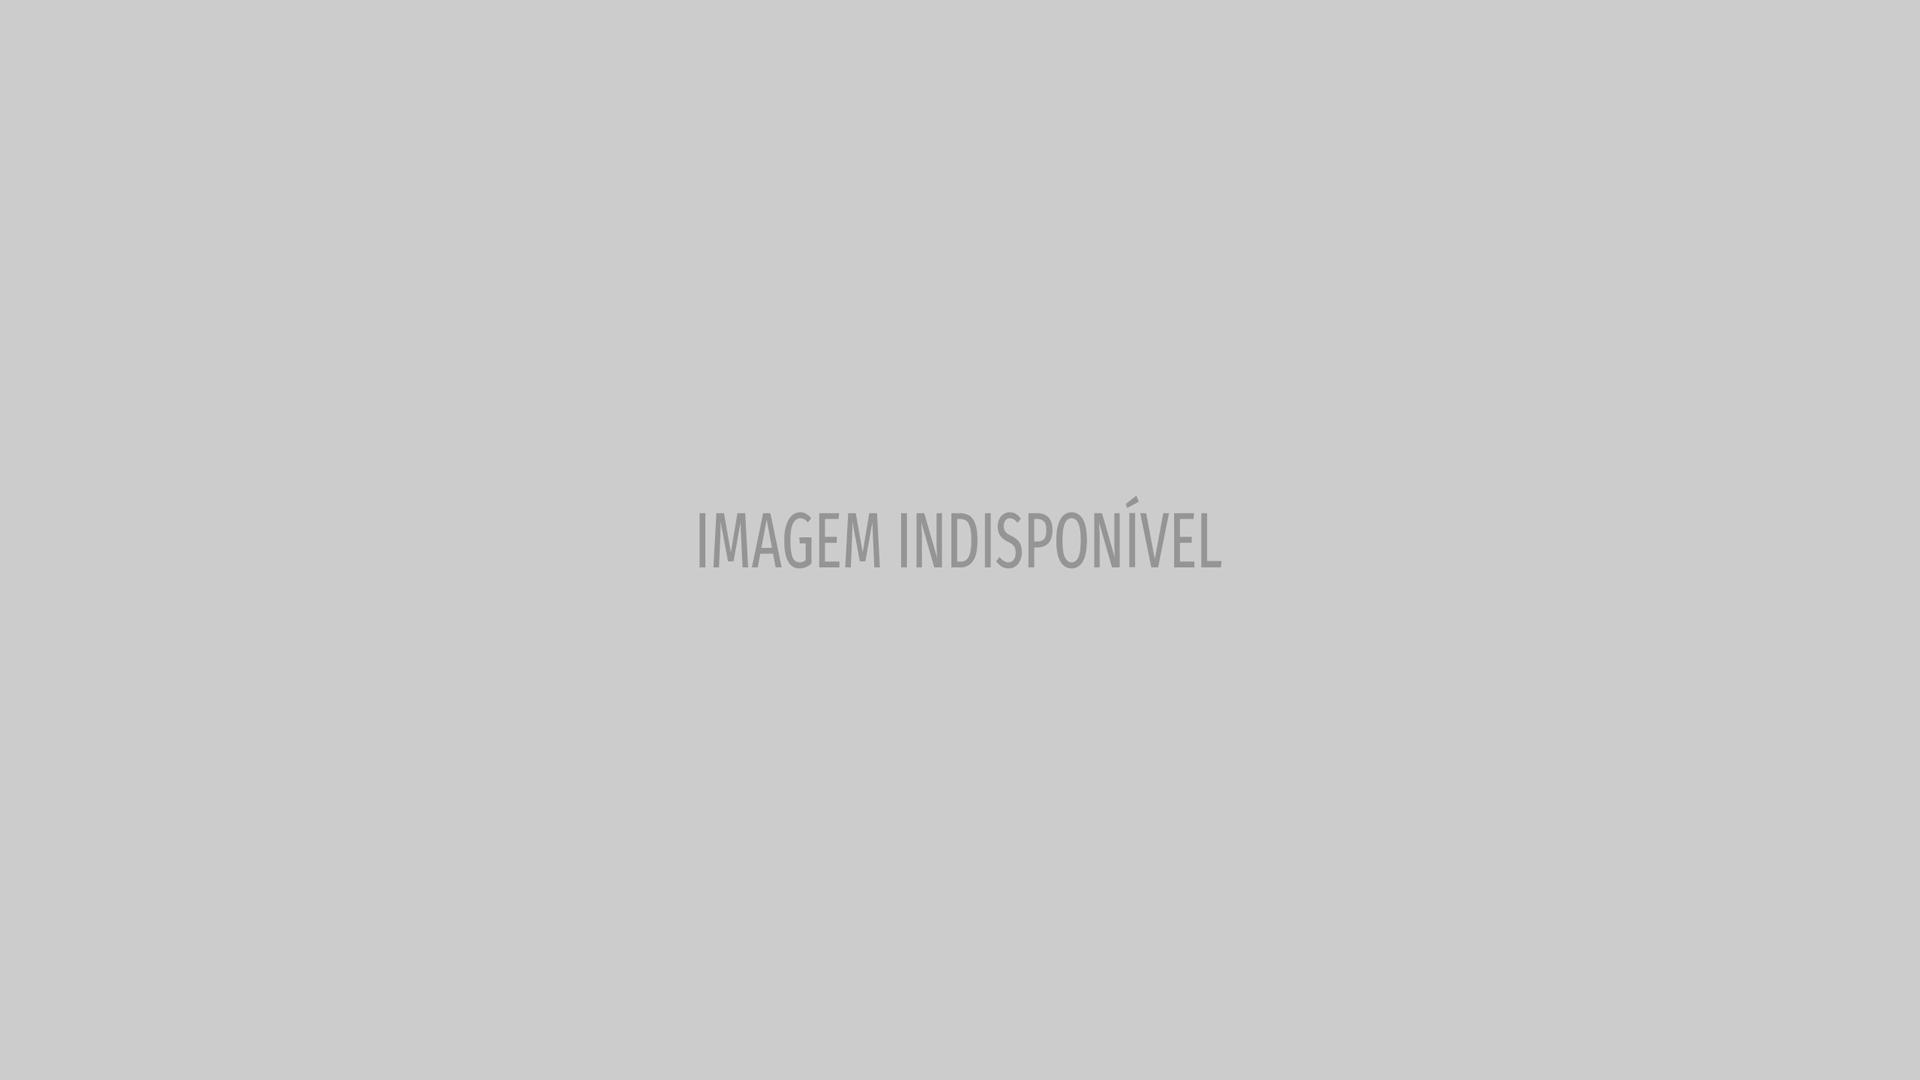 Noiva de Kaká remove tattoo e aconselha: 'Não façam nome do namorado'